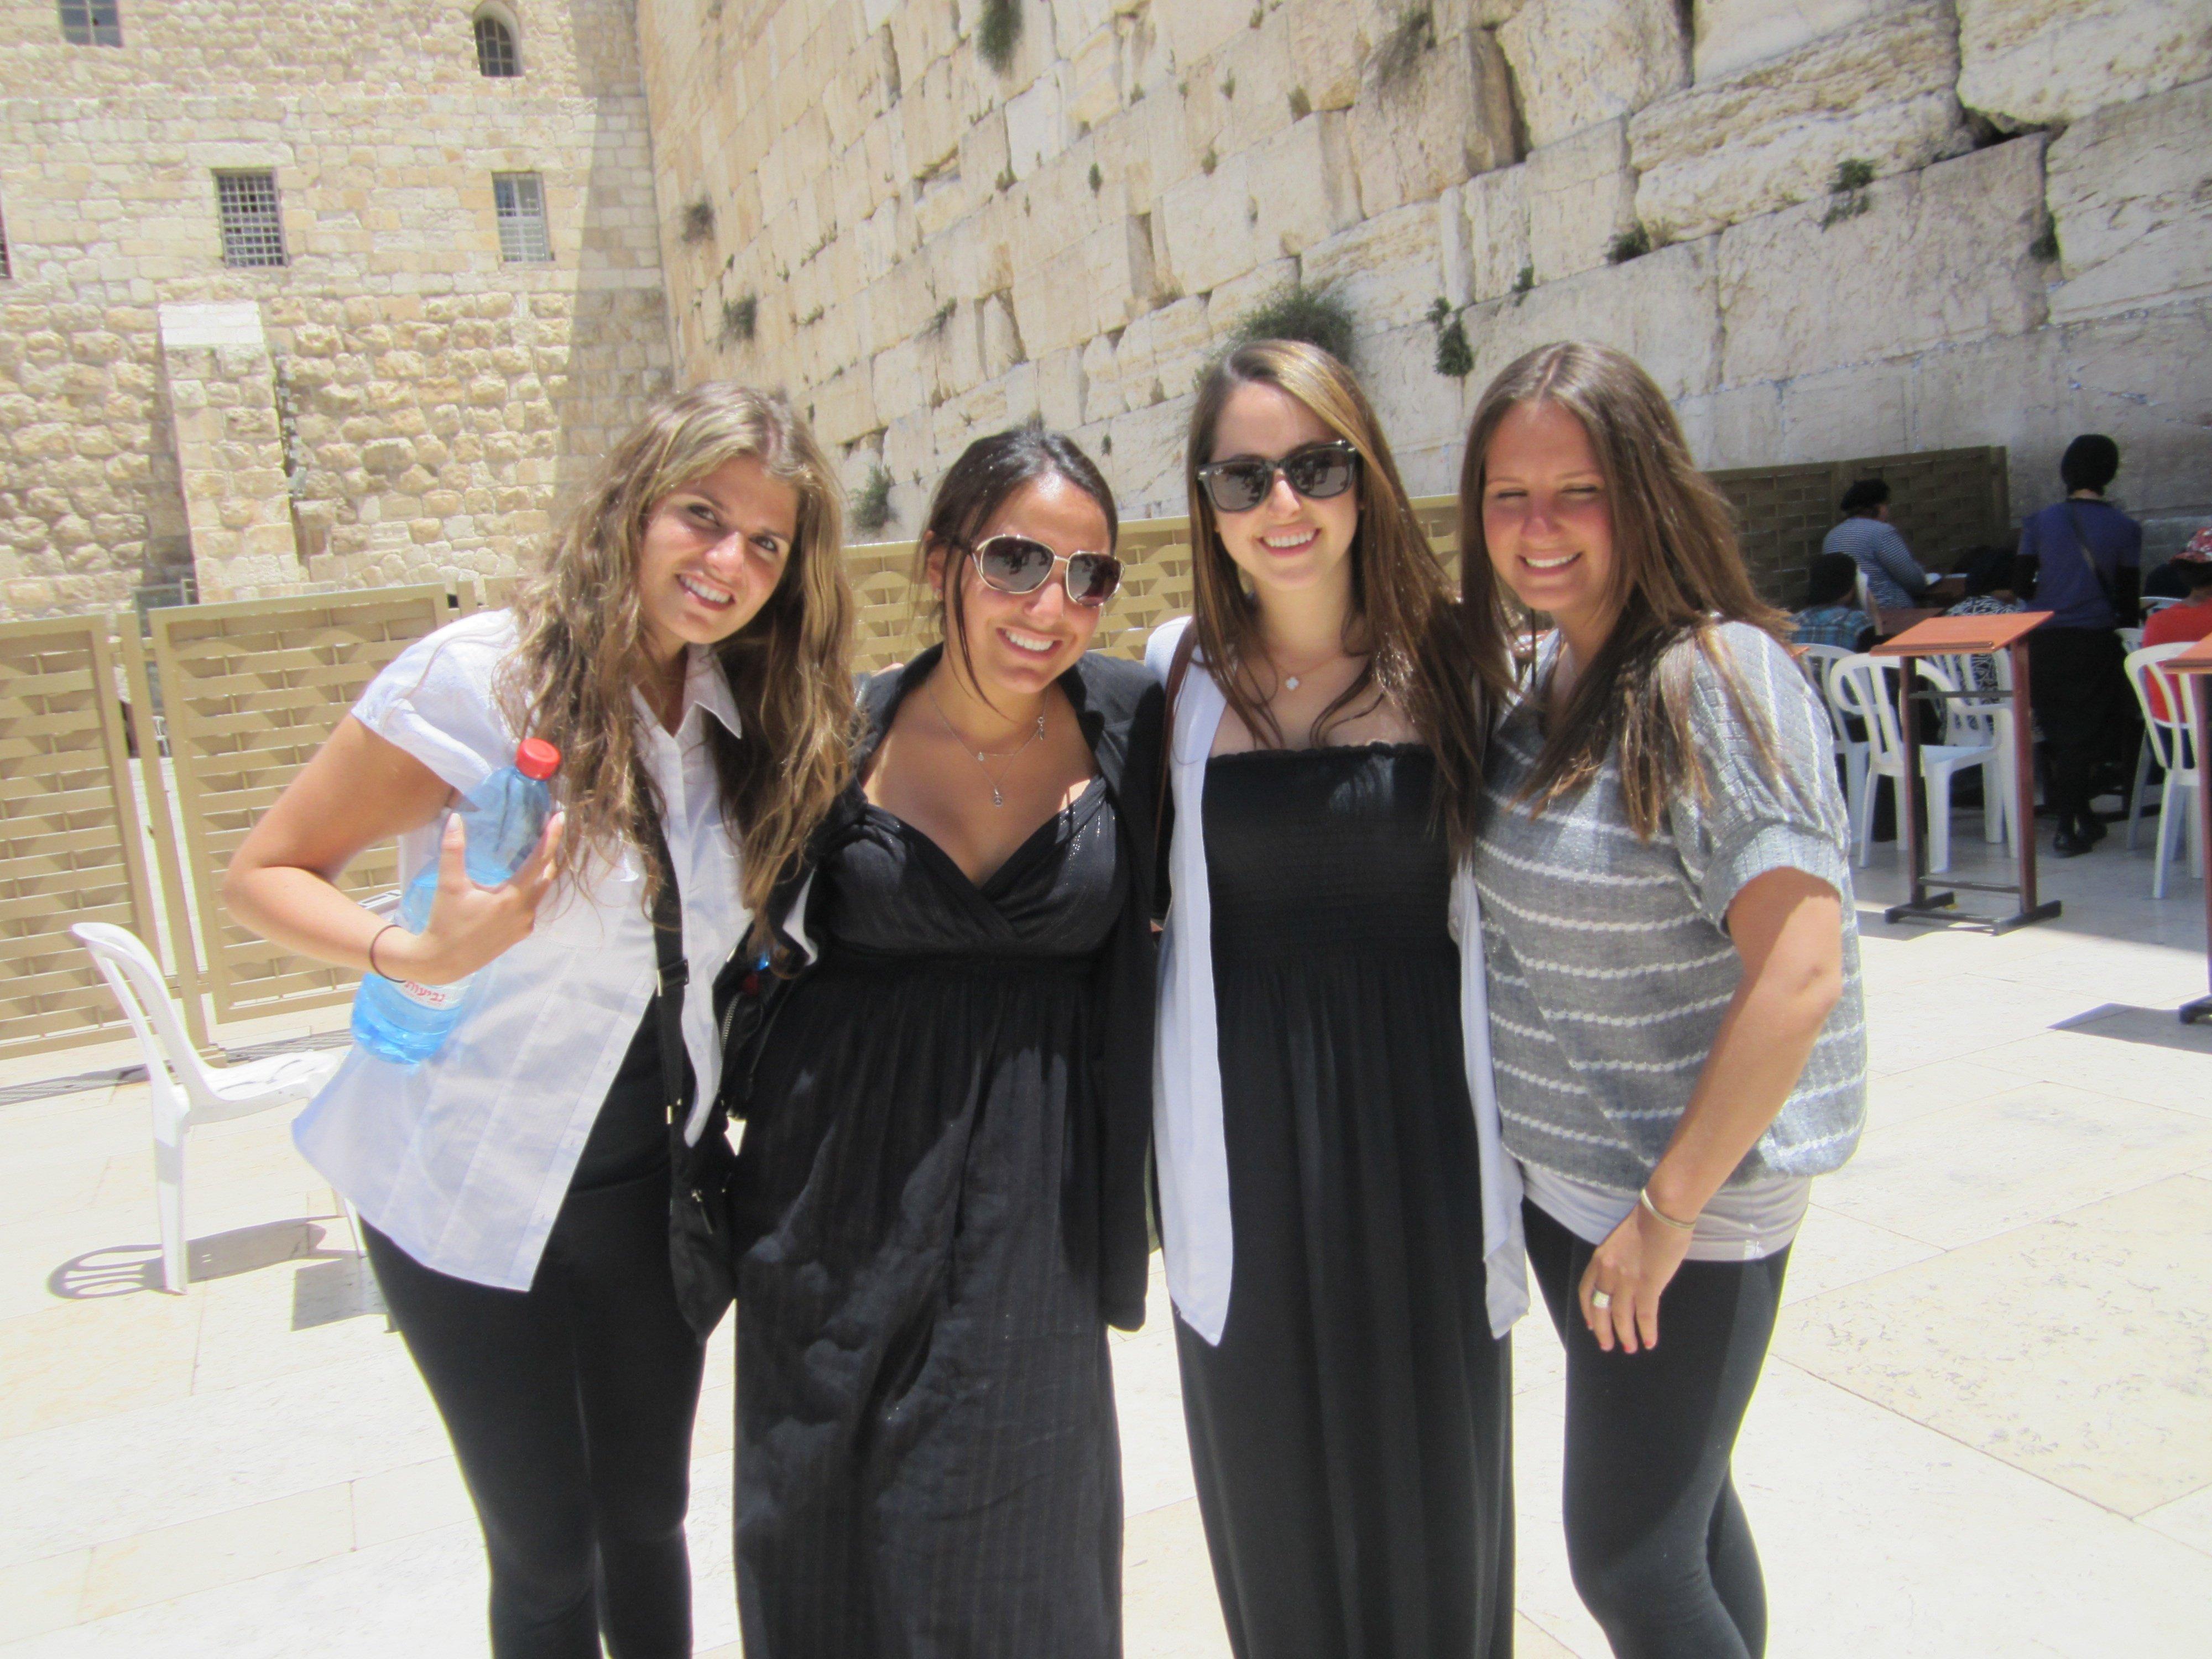 Girls at Wall